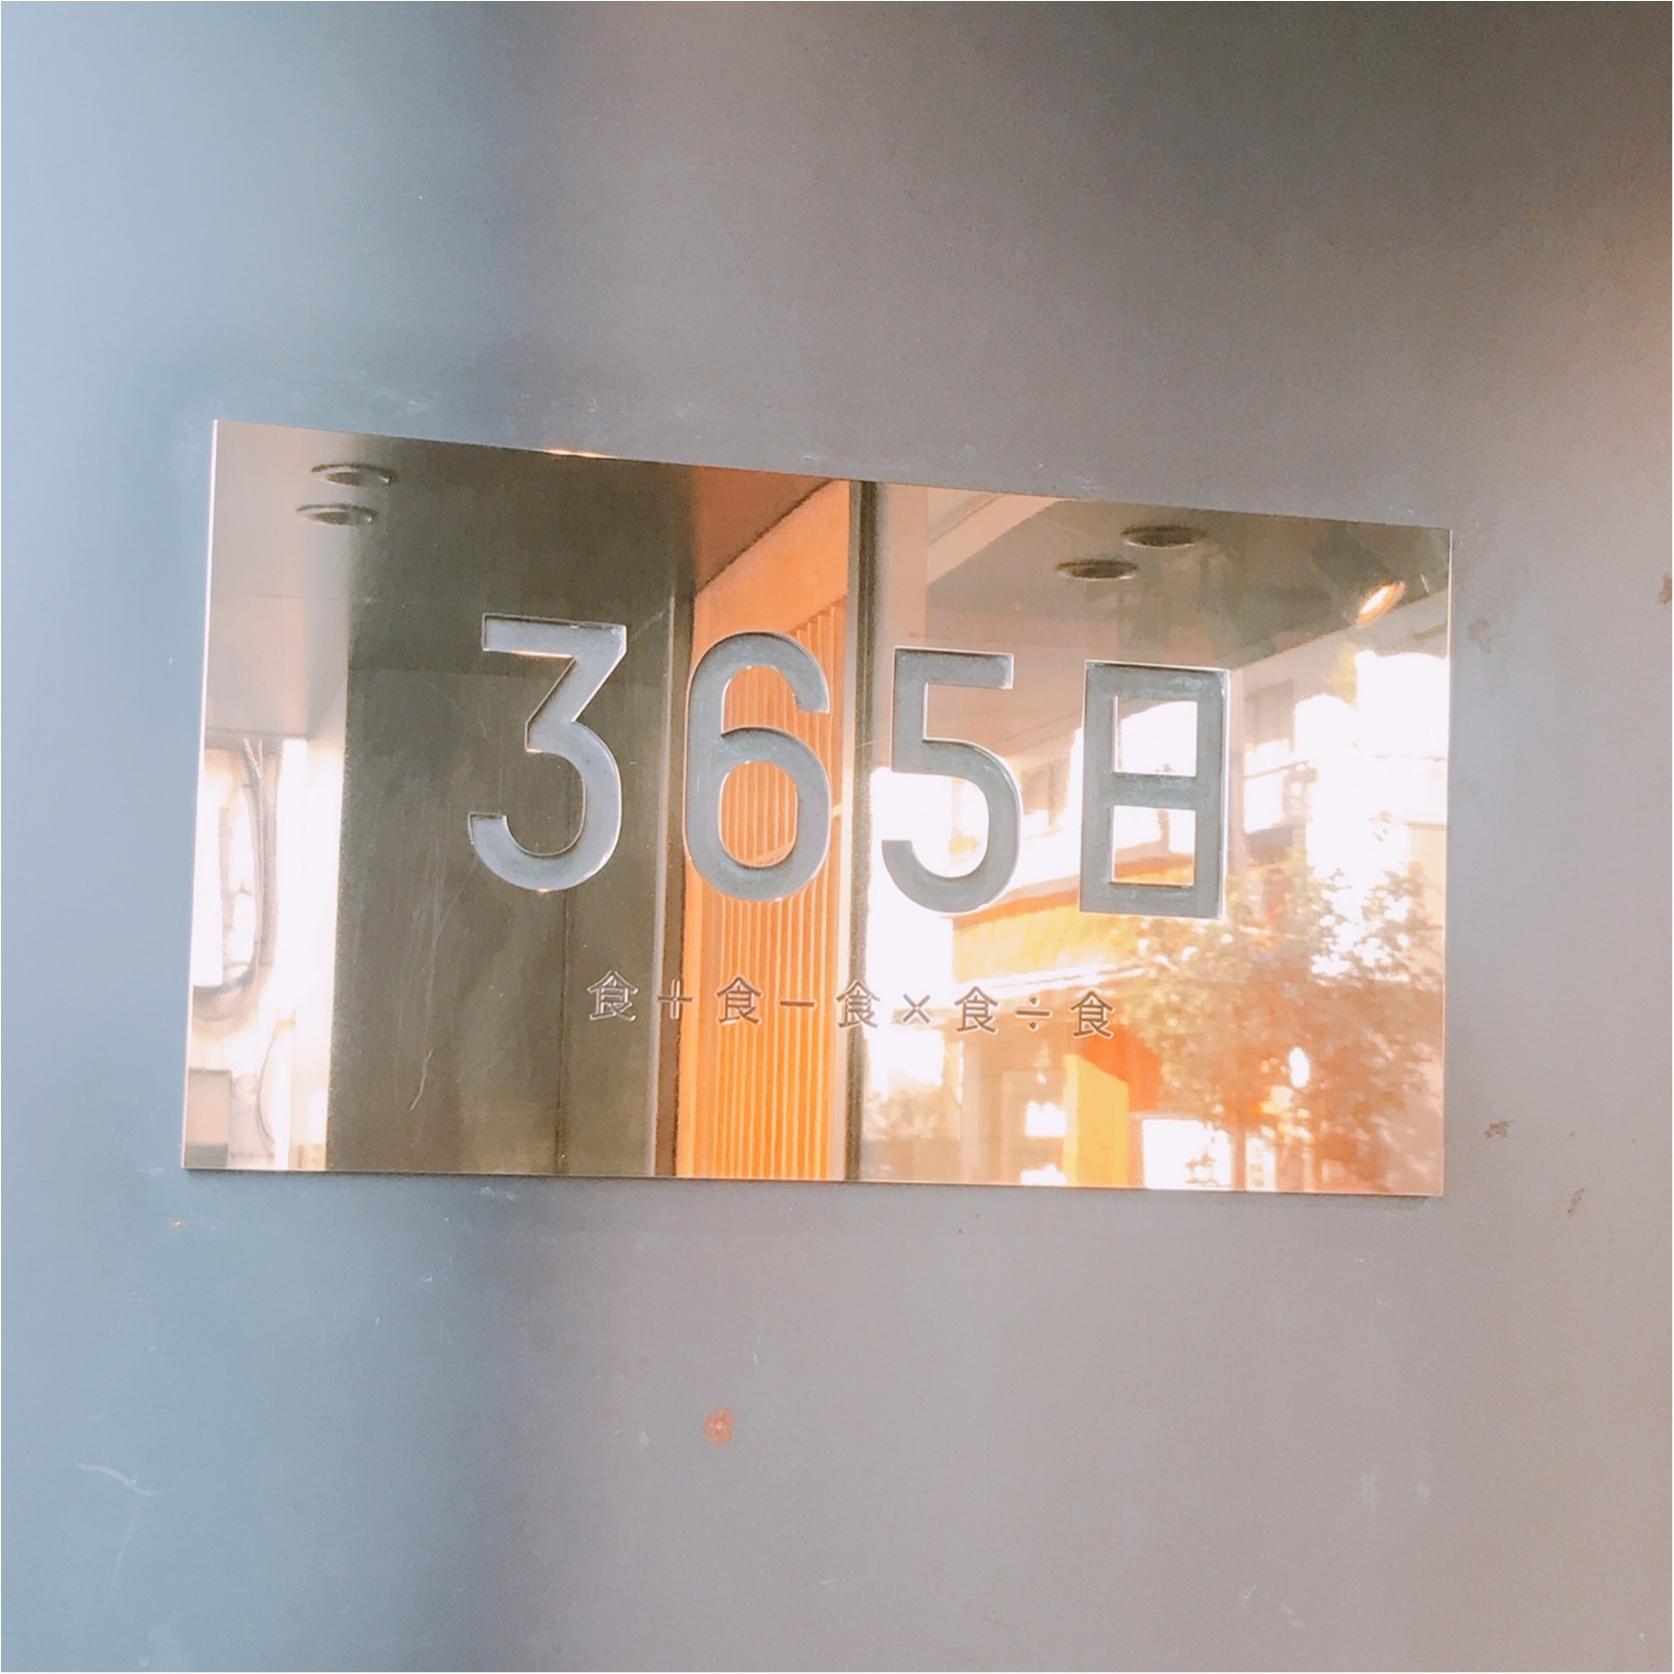 《#パン活》代々木公園のベーカリー【365日】でゆったりモーニング♡_2